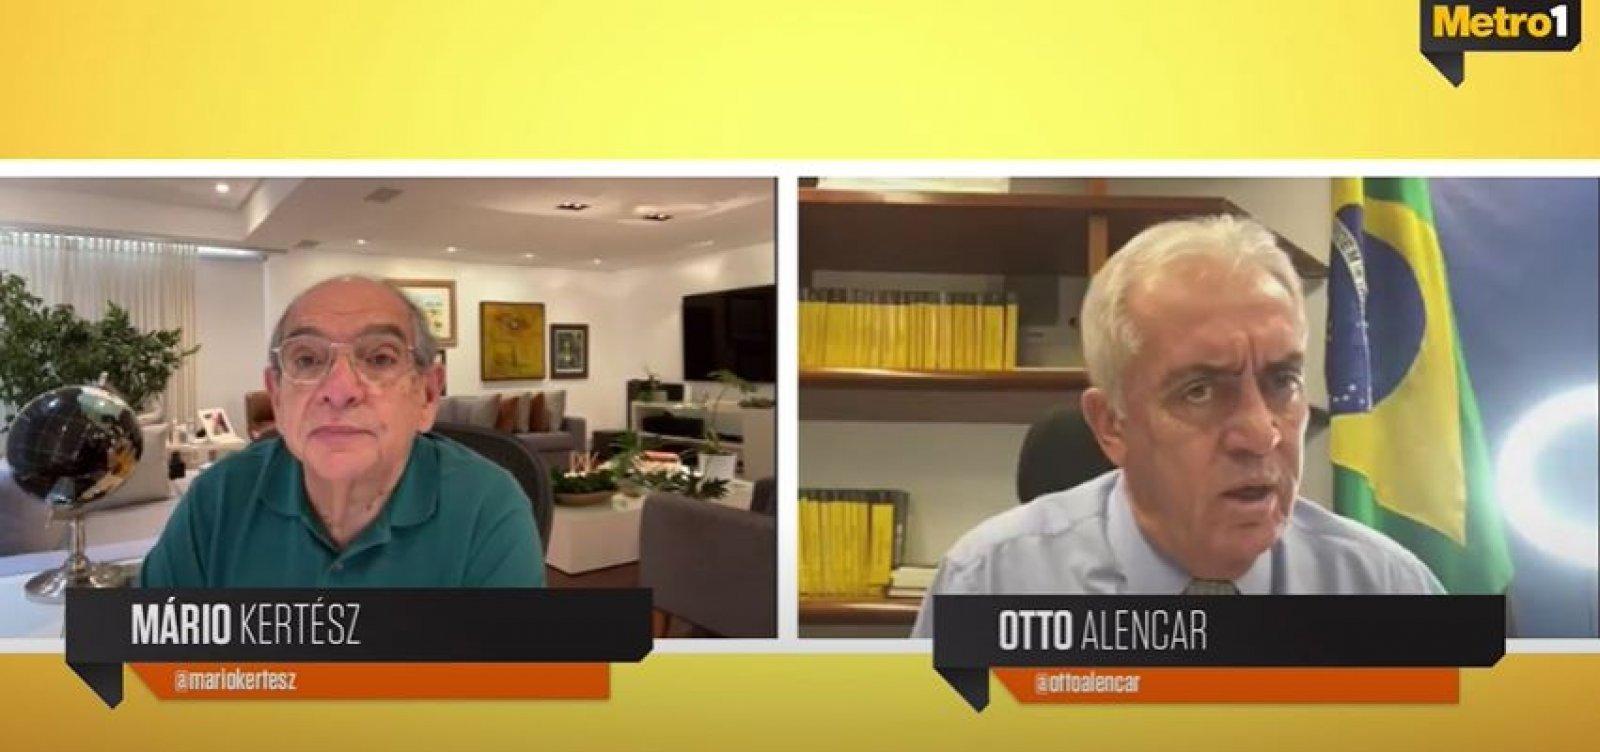 'Se Lira ganhar, entra com apoio, mas as coisas podem mudar', diz Otto